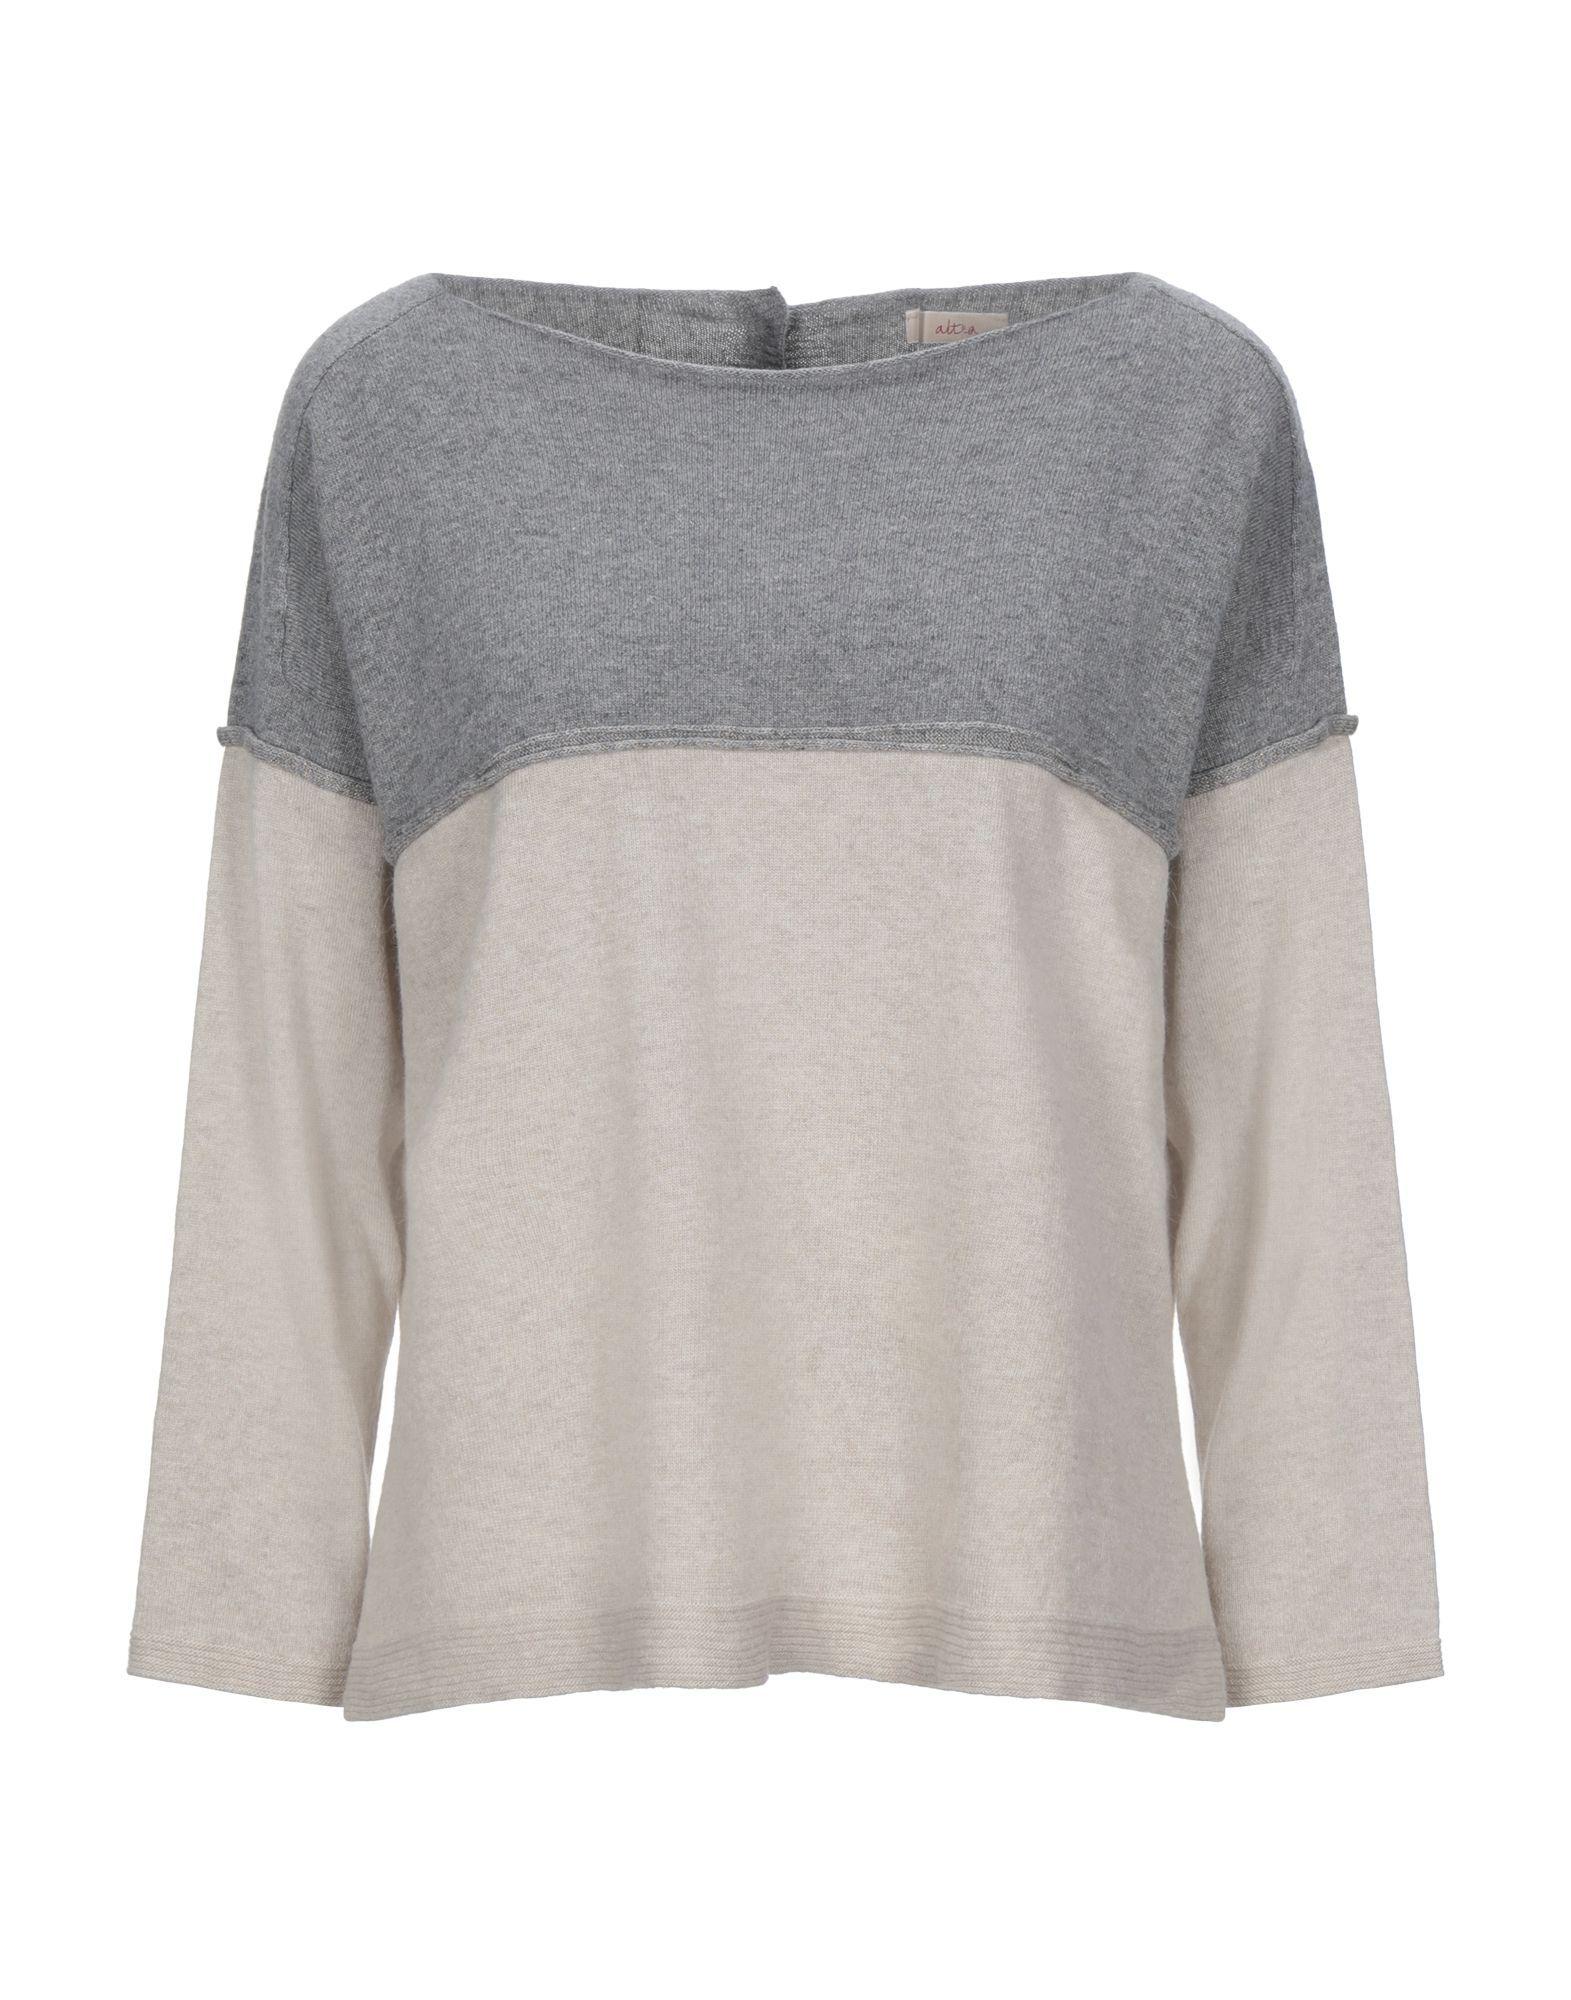 Altea Grey Virgin Wool Knit Jumper